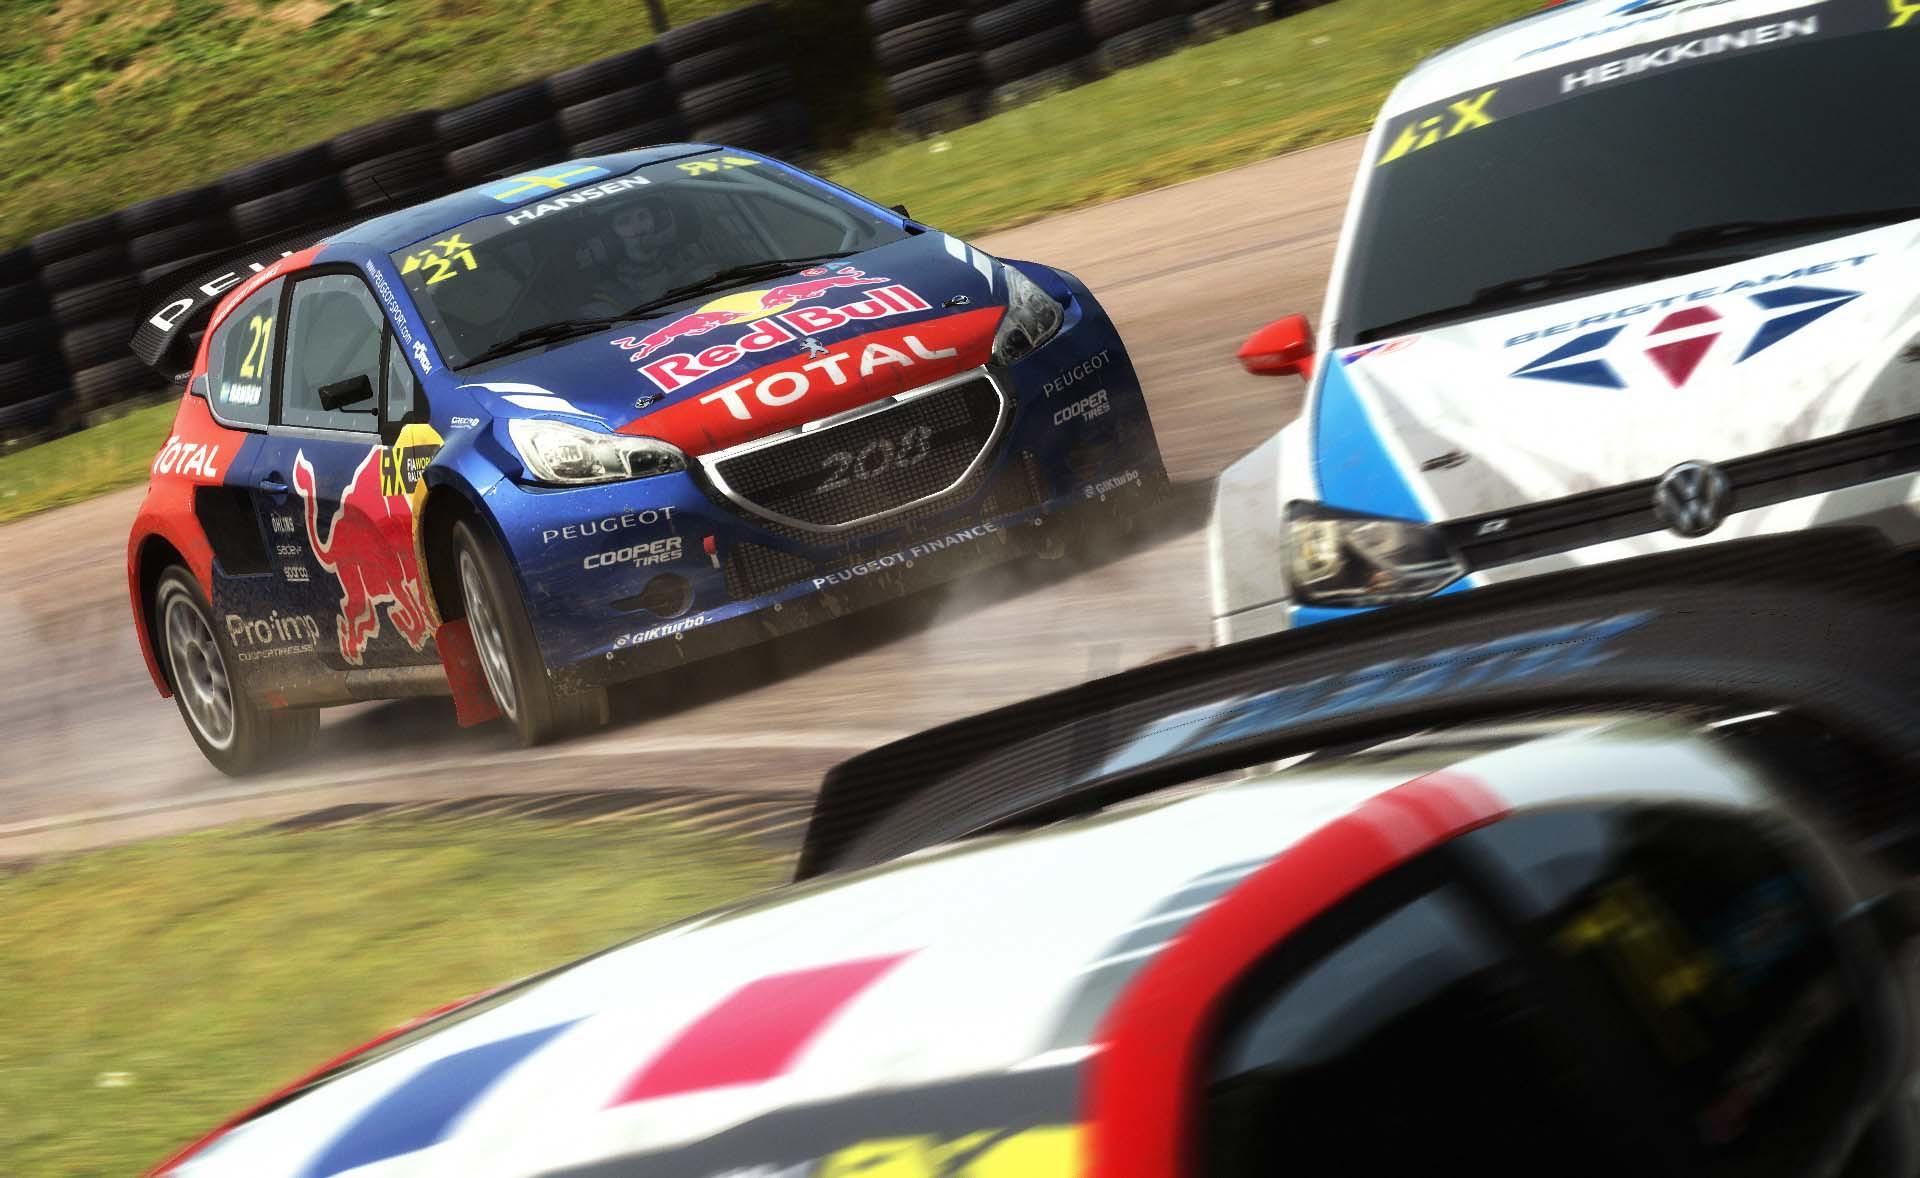 Peugeot_RX_Lydden_03_B